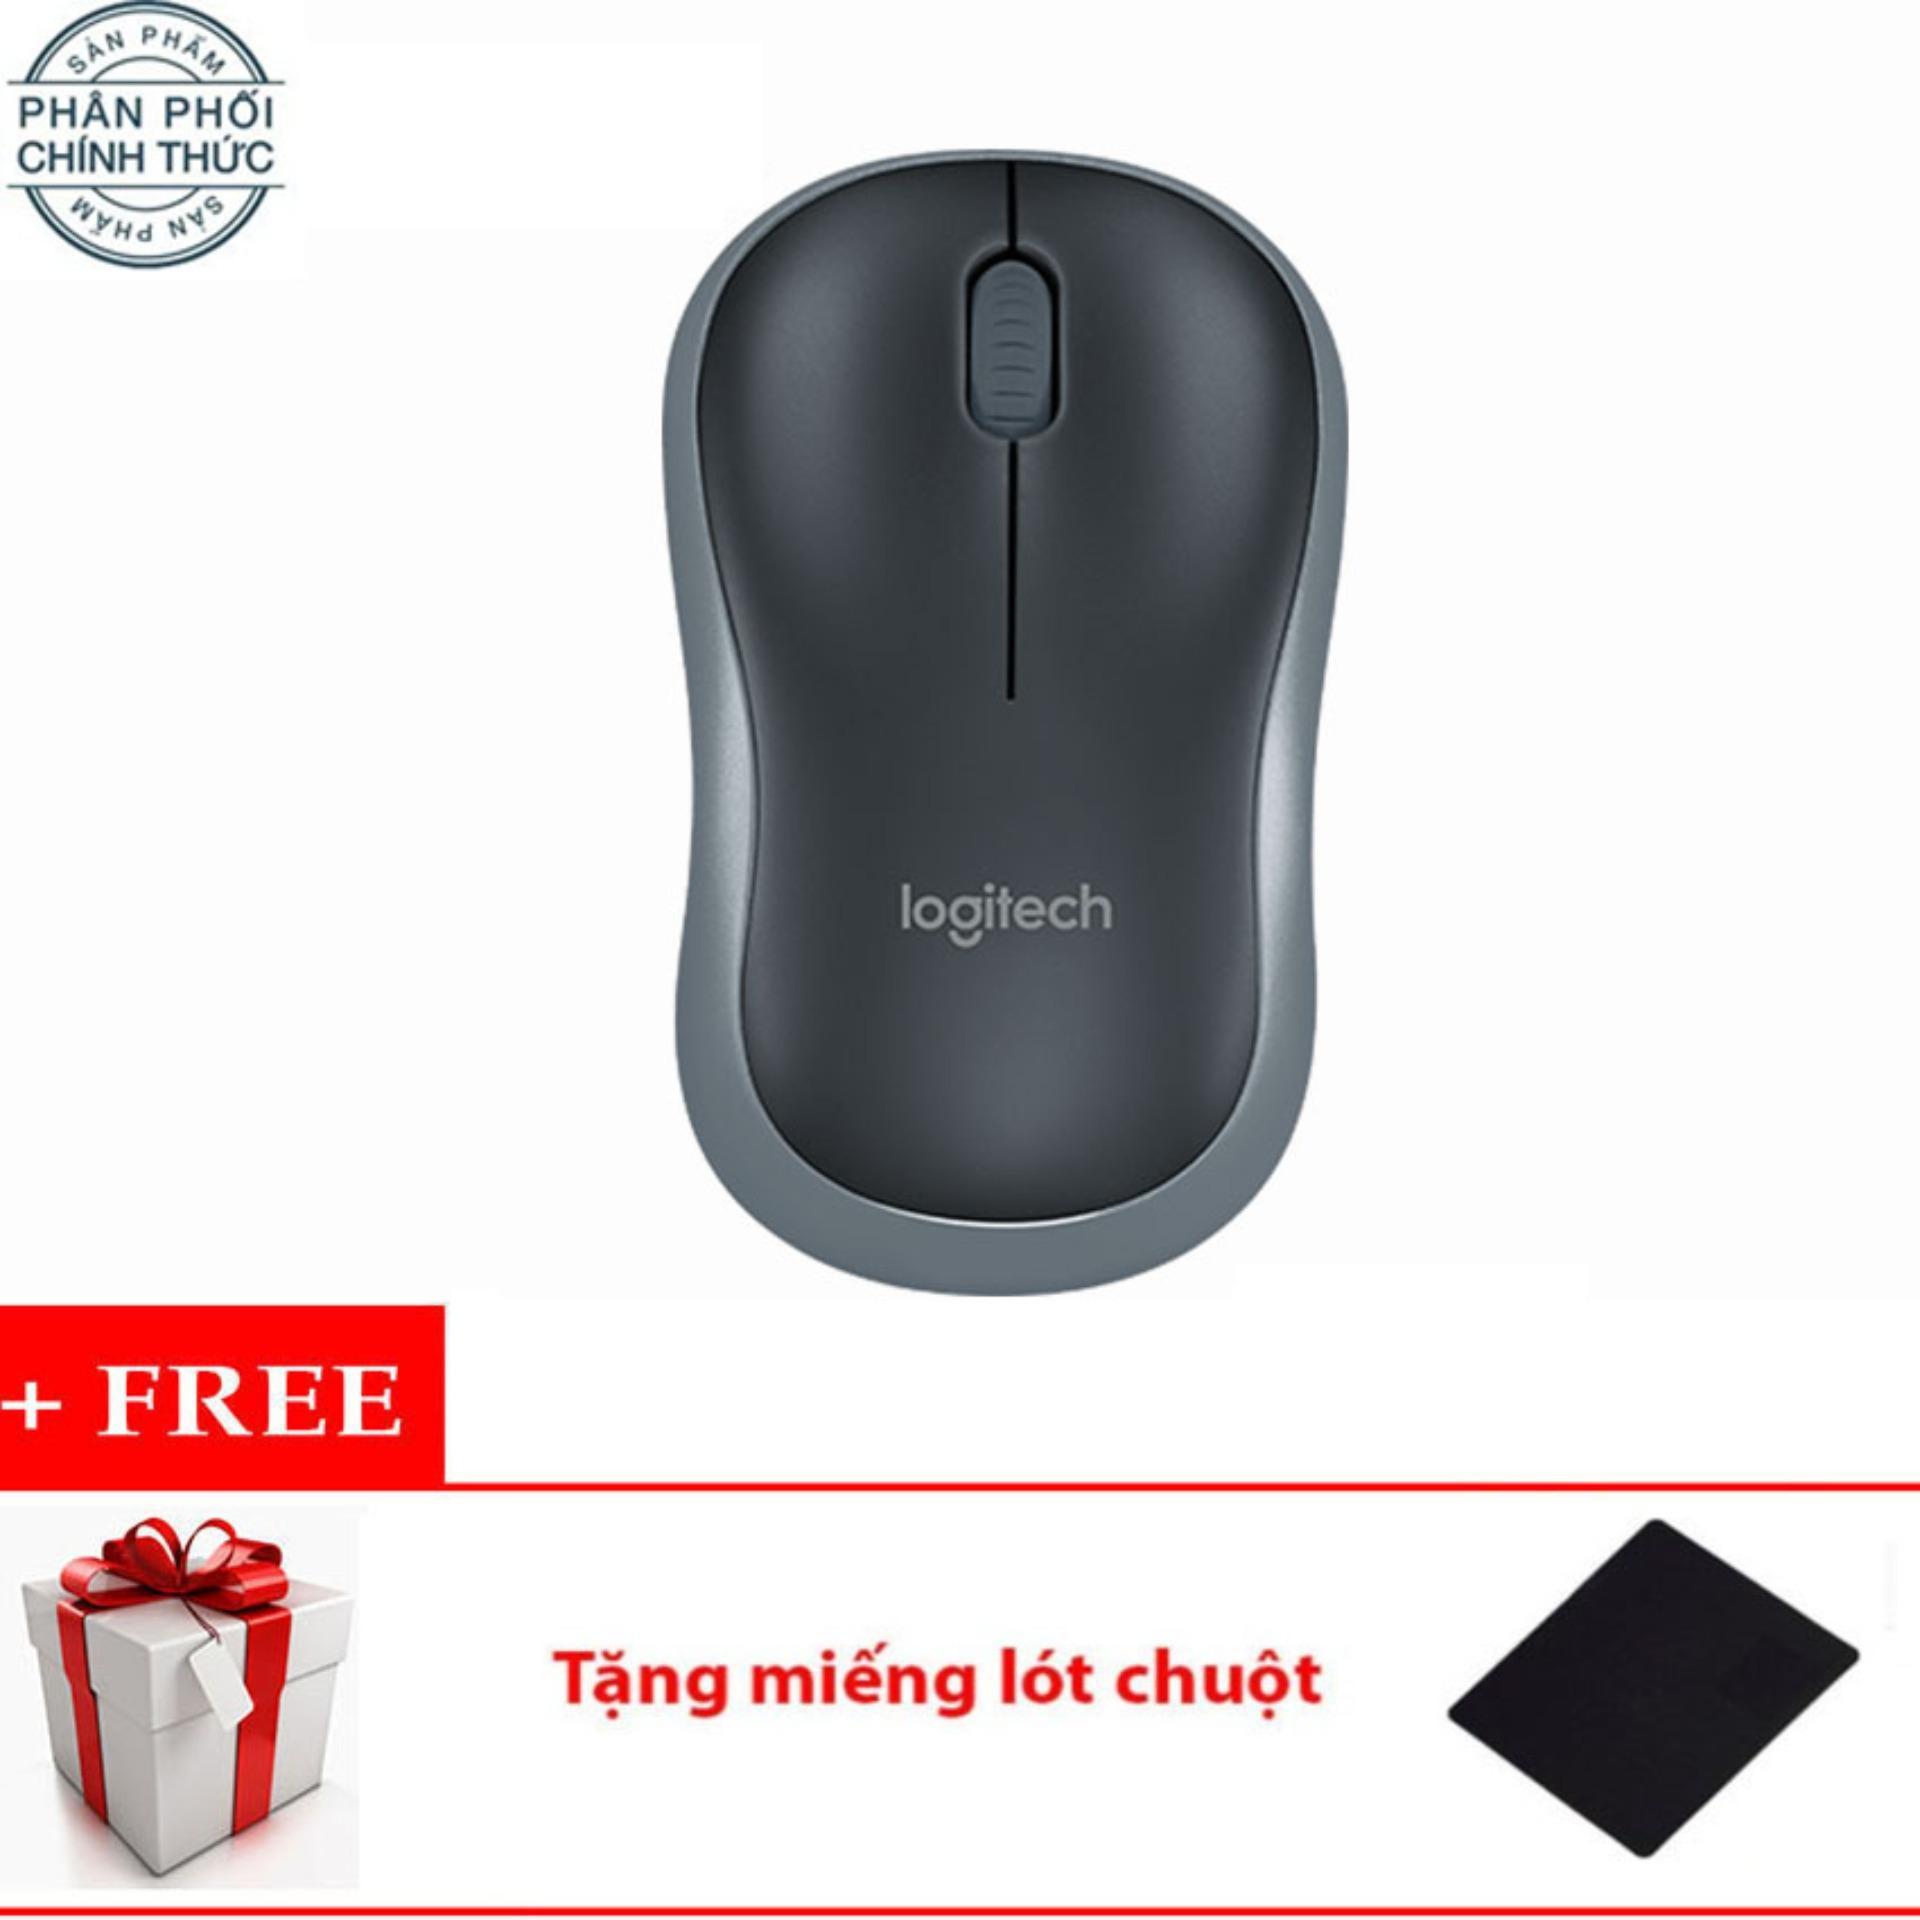 Chuột quang Logitech B175 (Đen) + Tặng miếng lót chuột